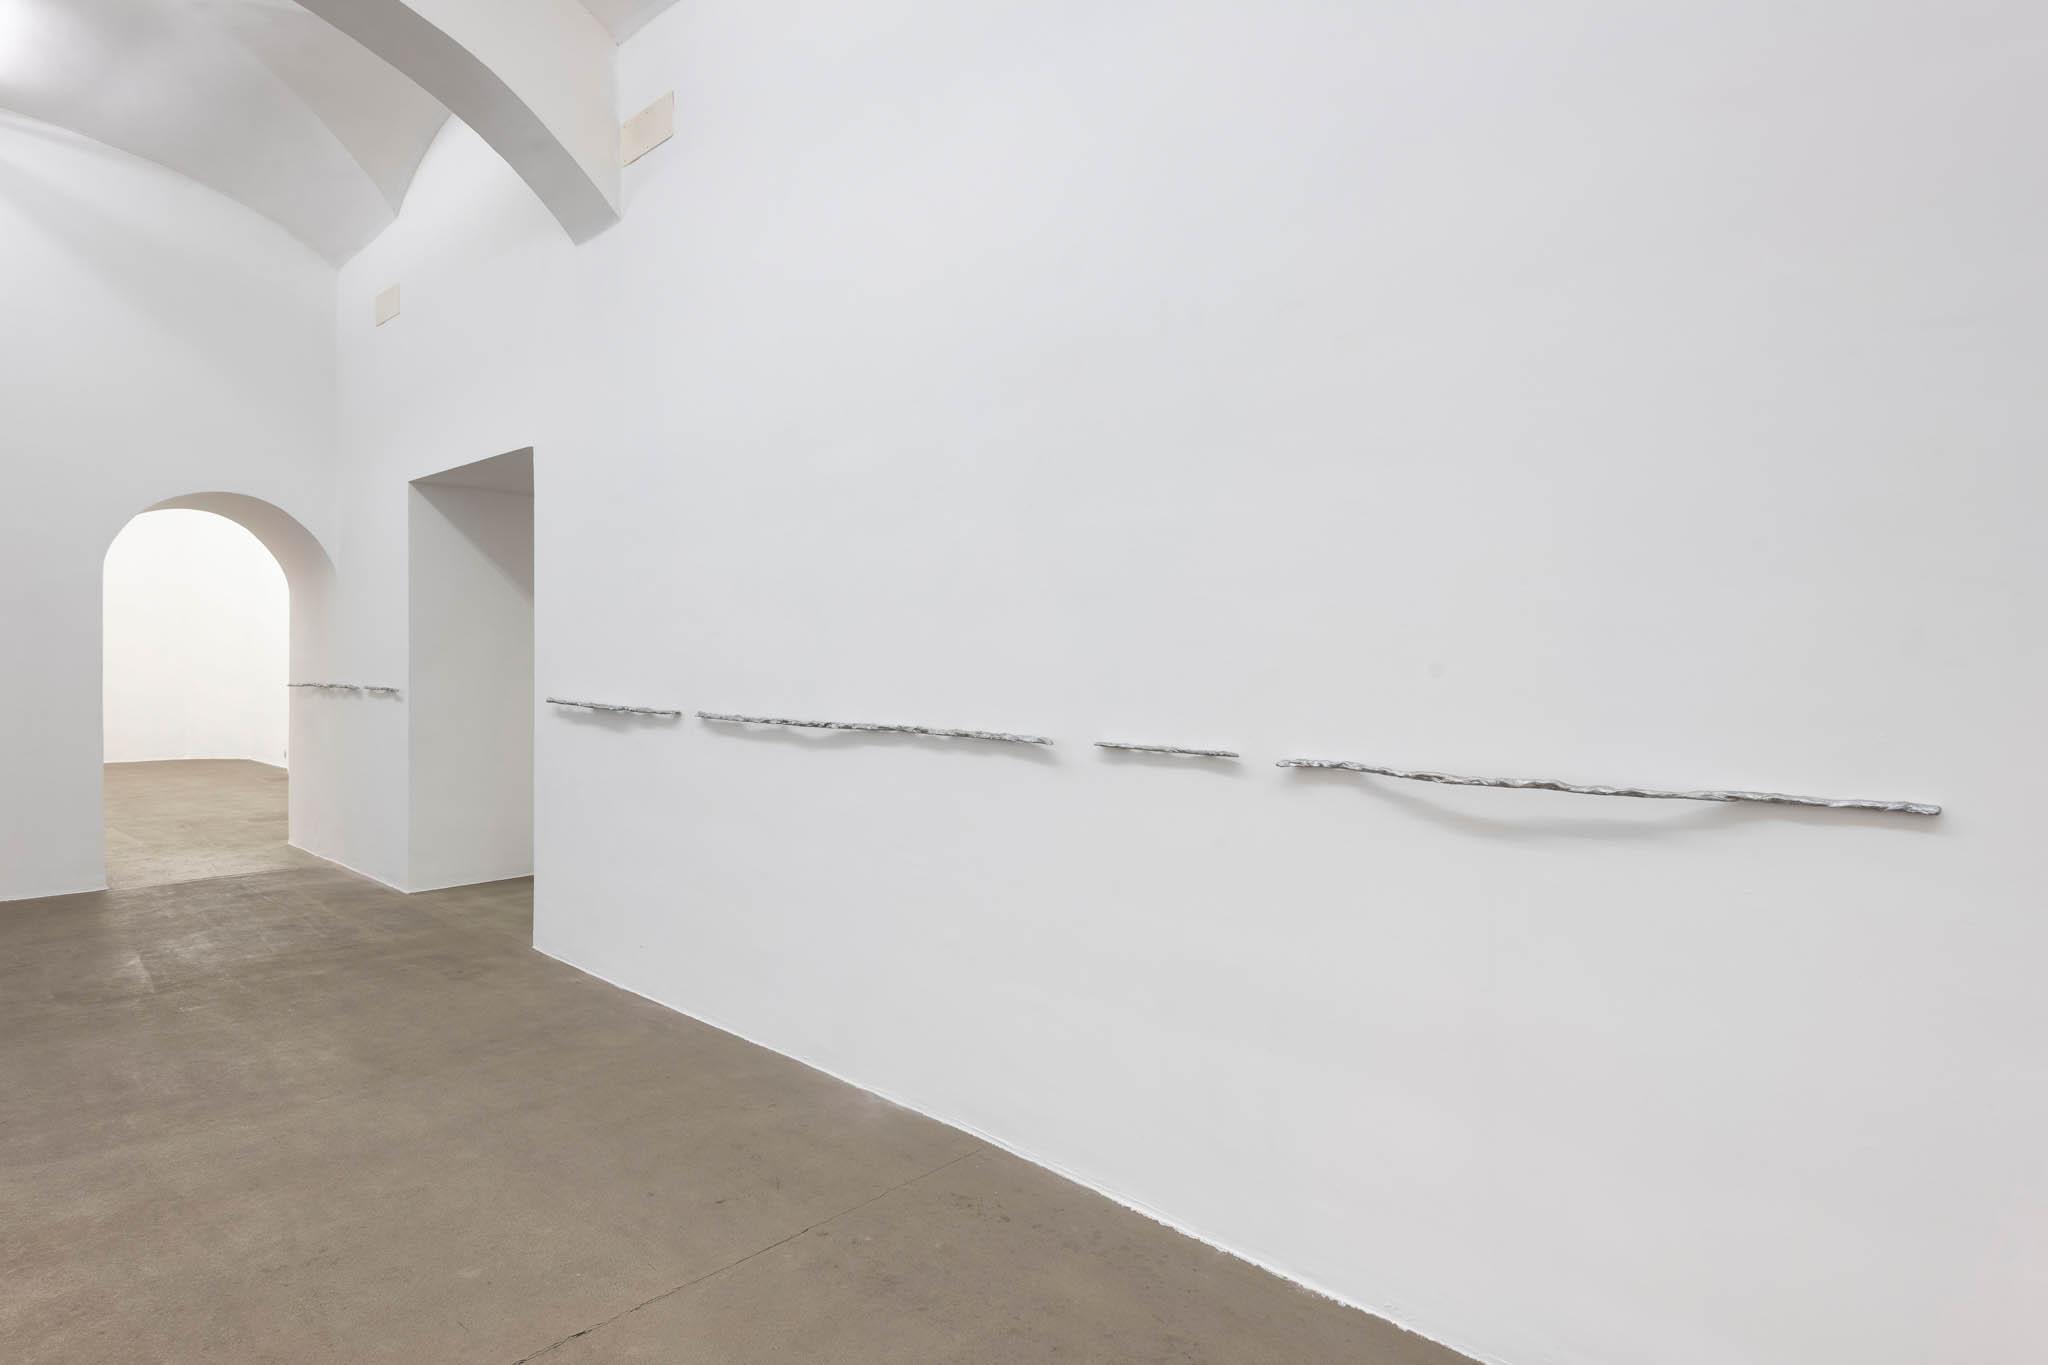 18. Esther Kläs Further, 2018, alluminio; Courtesy SpazioA, Pistoia; foto Giorgio Benni